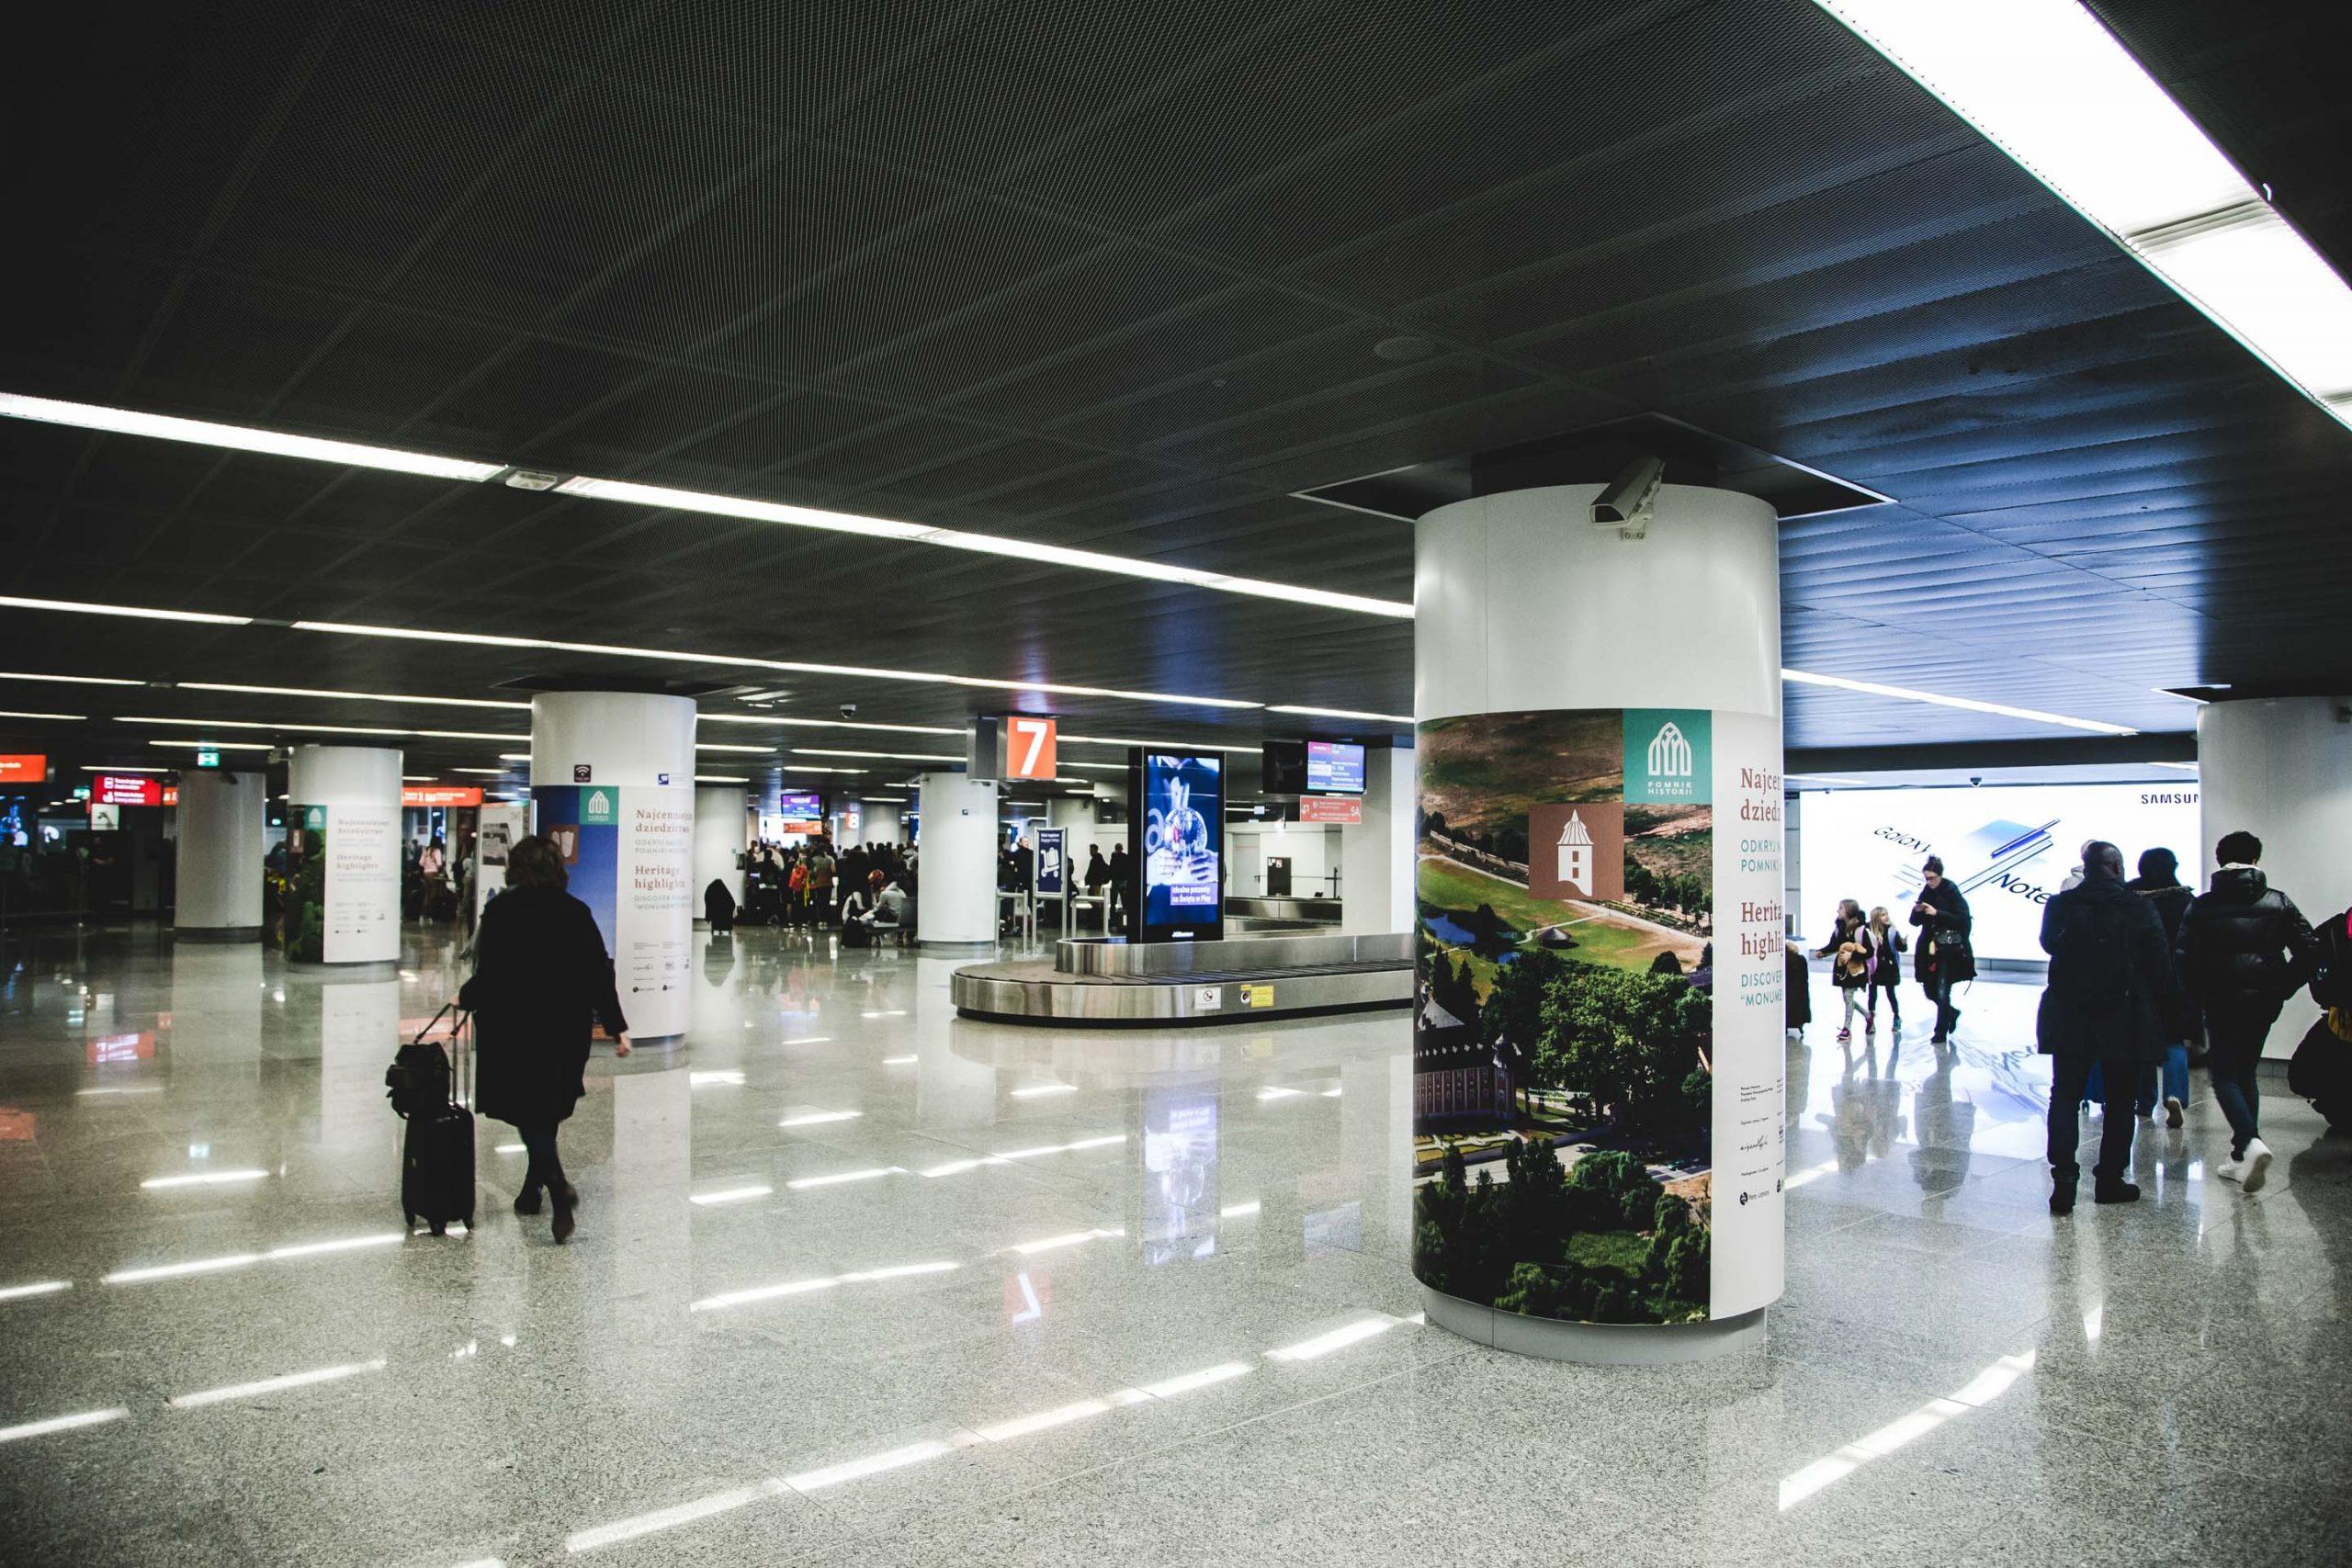 zdjęcie wystawy o Pomnikach Historii na lotnisku Okęcie